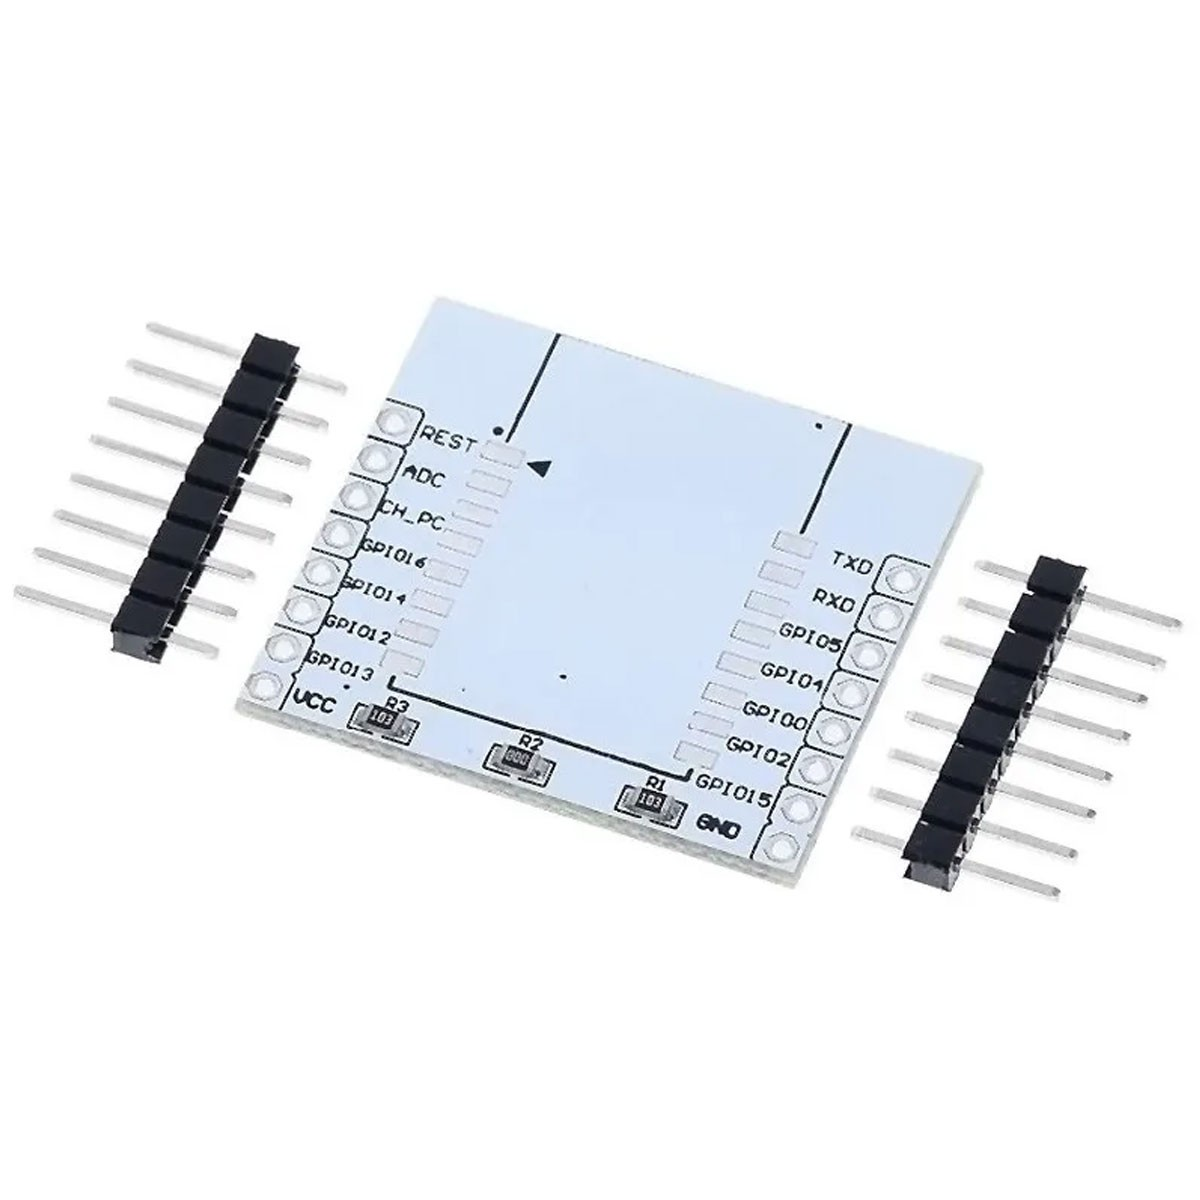 Placa Adaptador Para Soldar Esp8266 Esp07 Esp08 Esp12e Wifi